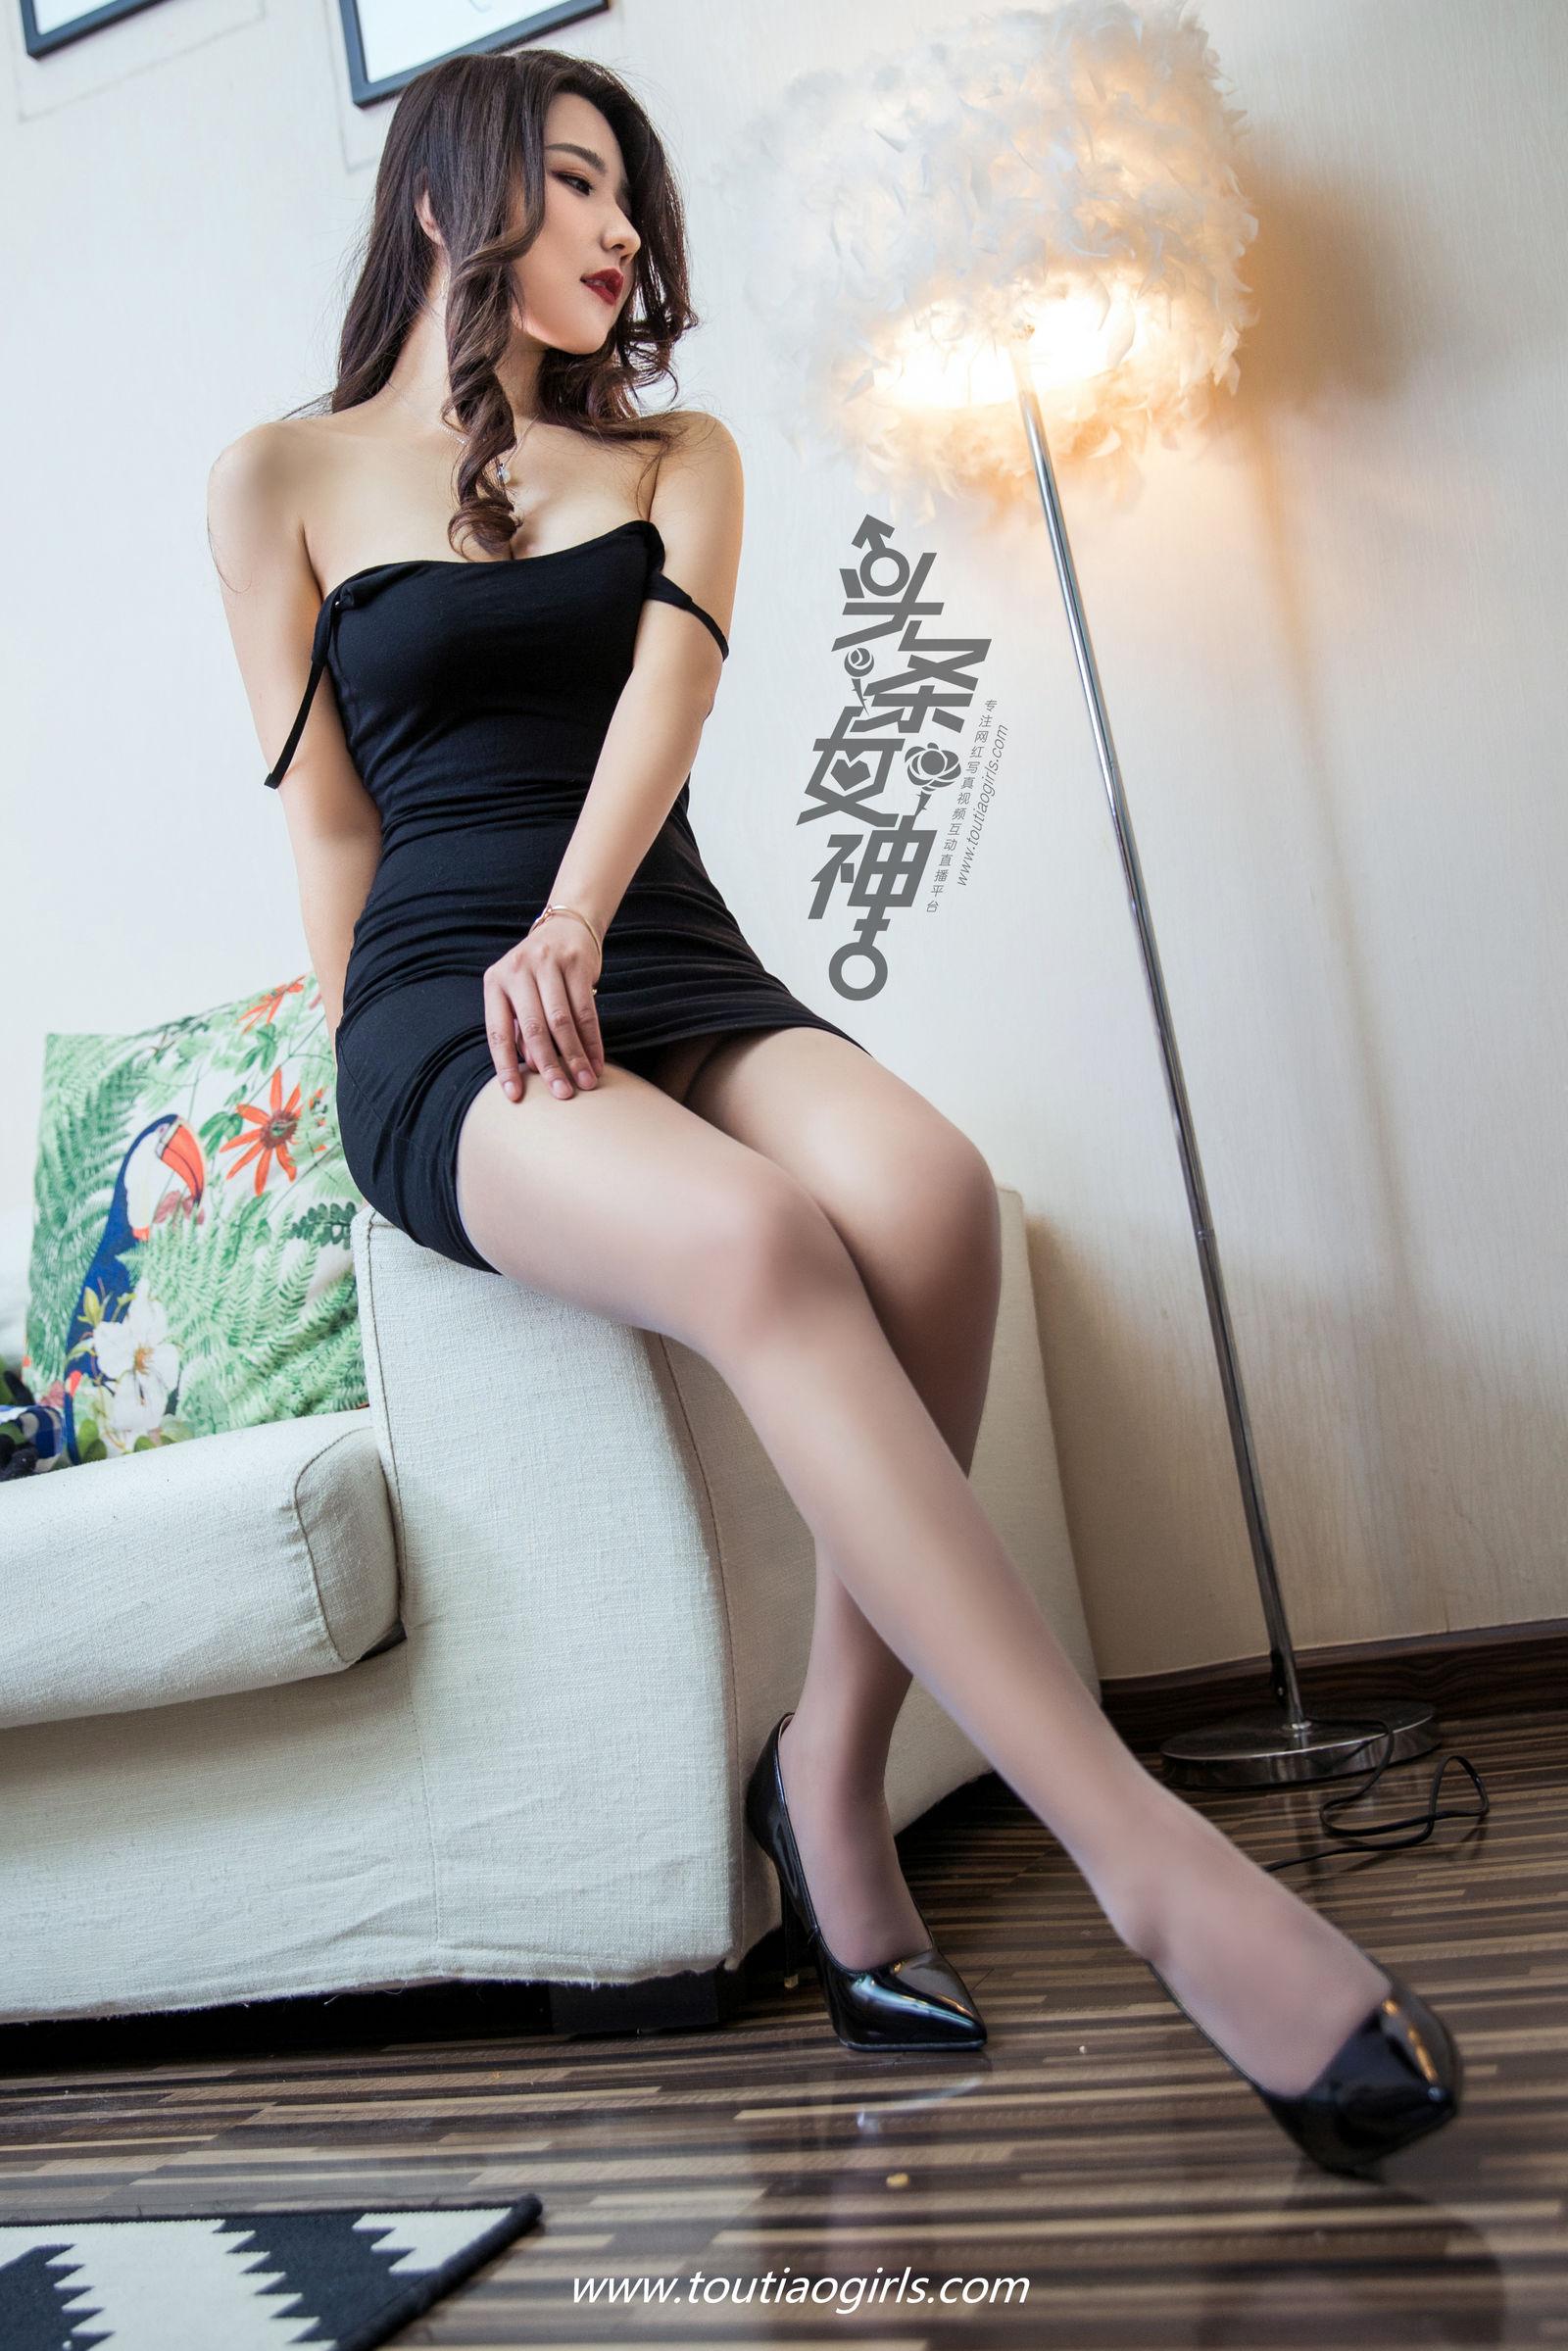 御姐女神@小唐嫣 - 蜜汁熟女 写真套图